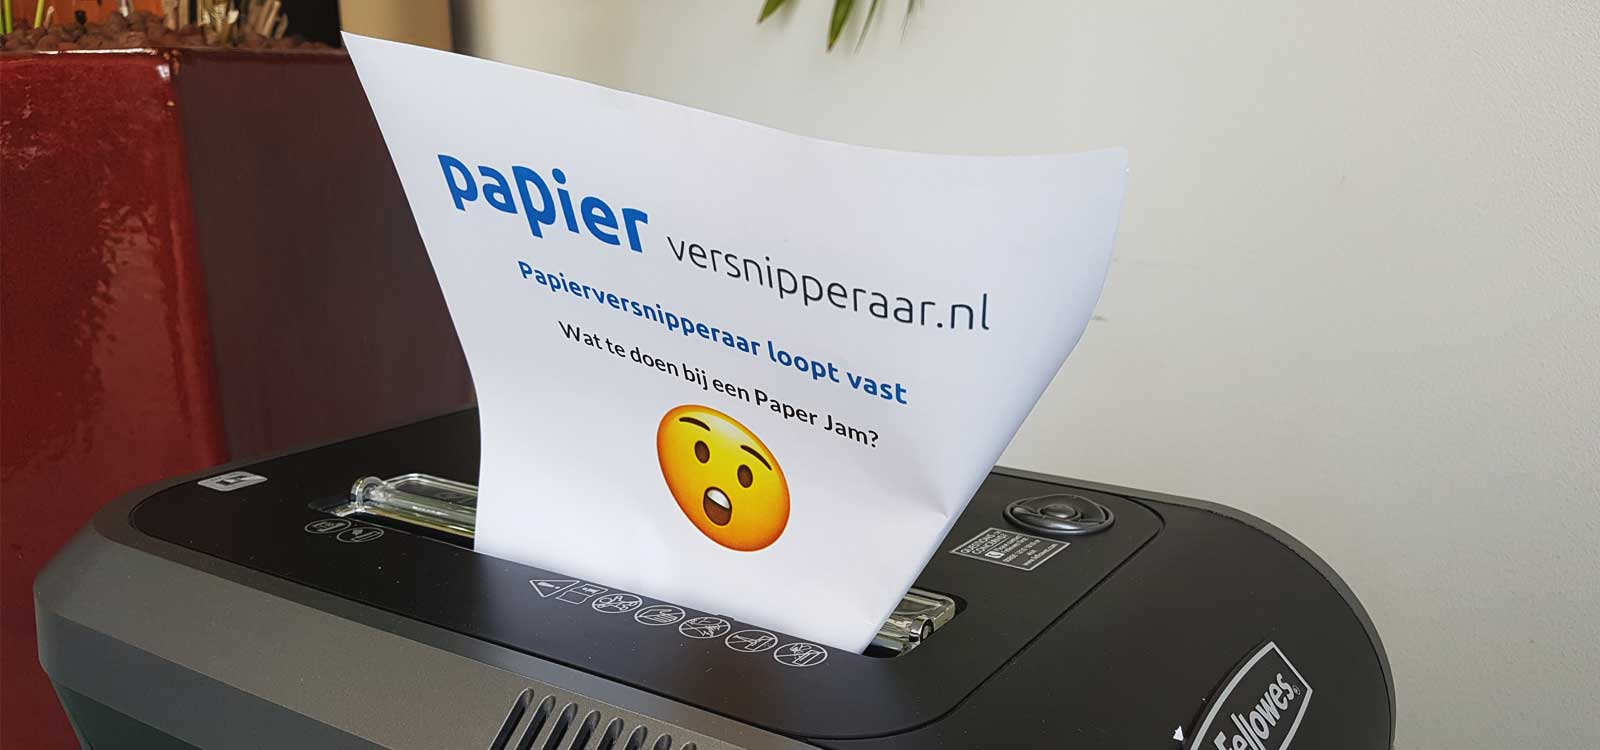 papierversnipperaar-vastgelopen-paper-jam-repareren